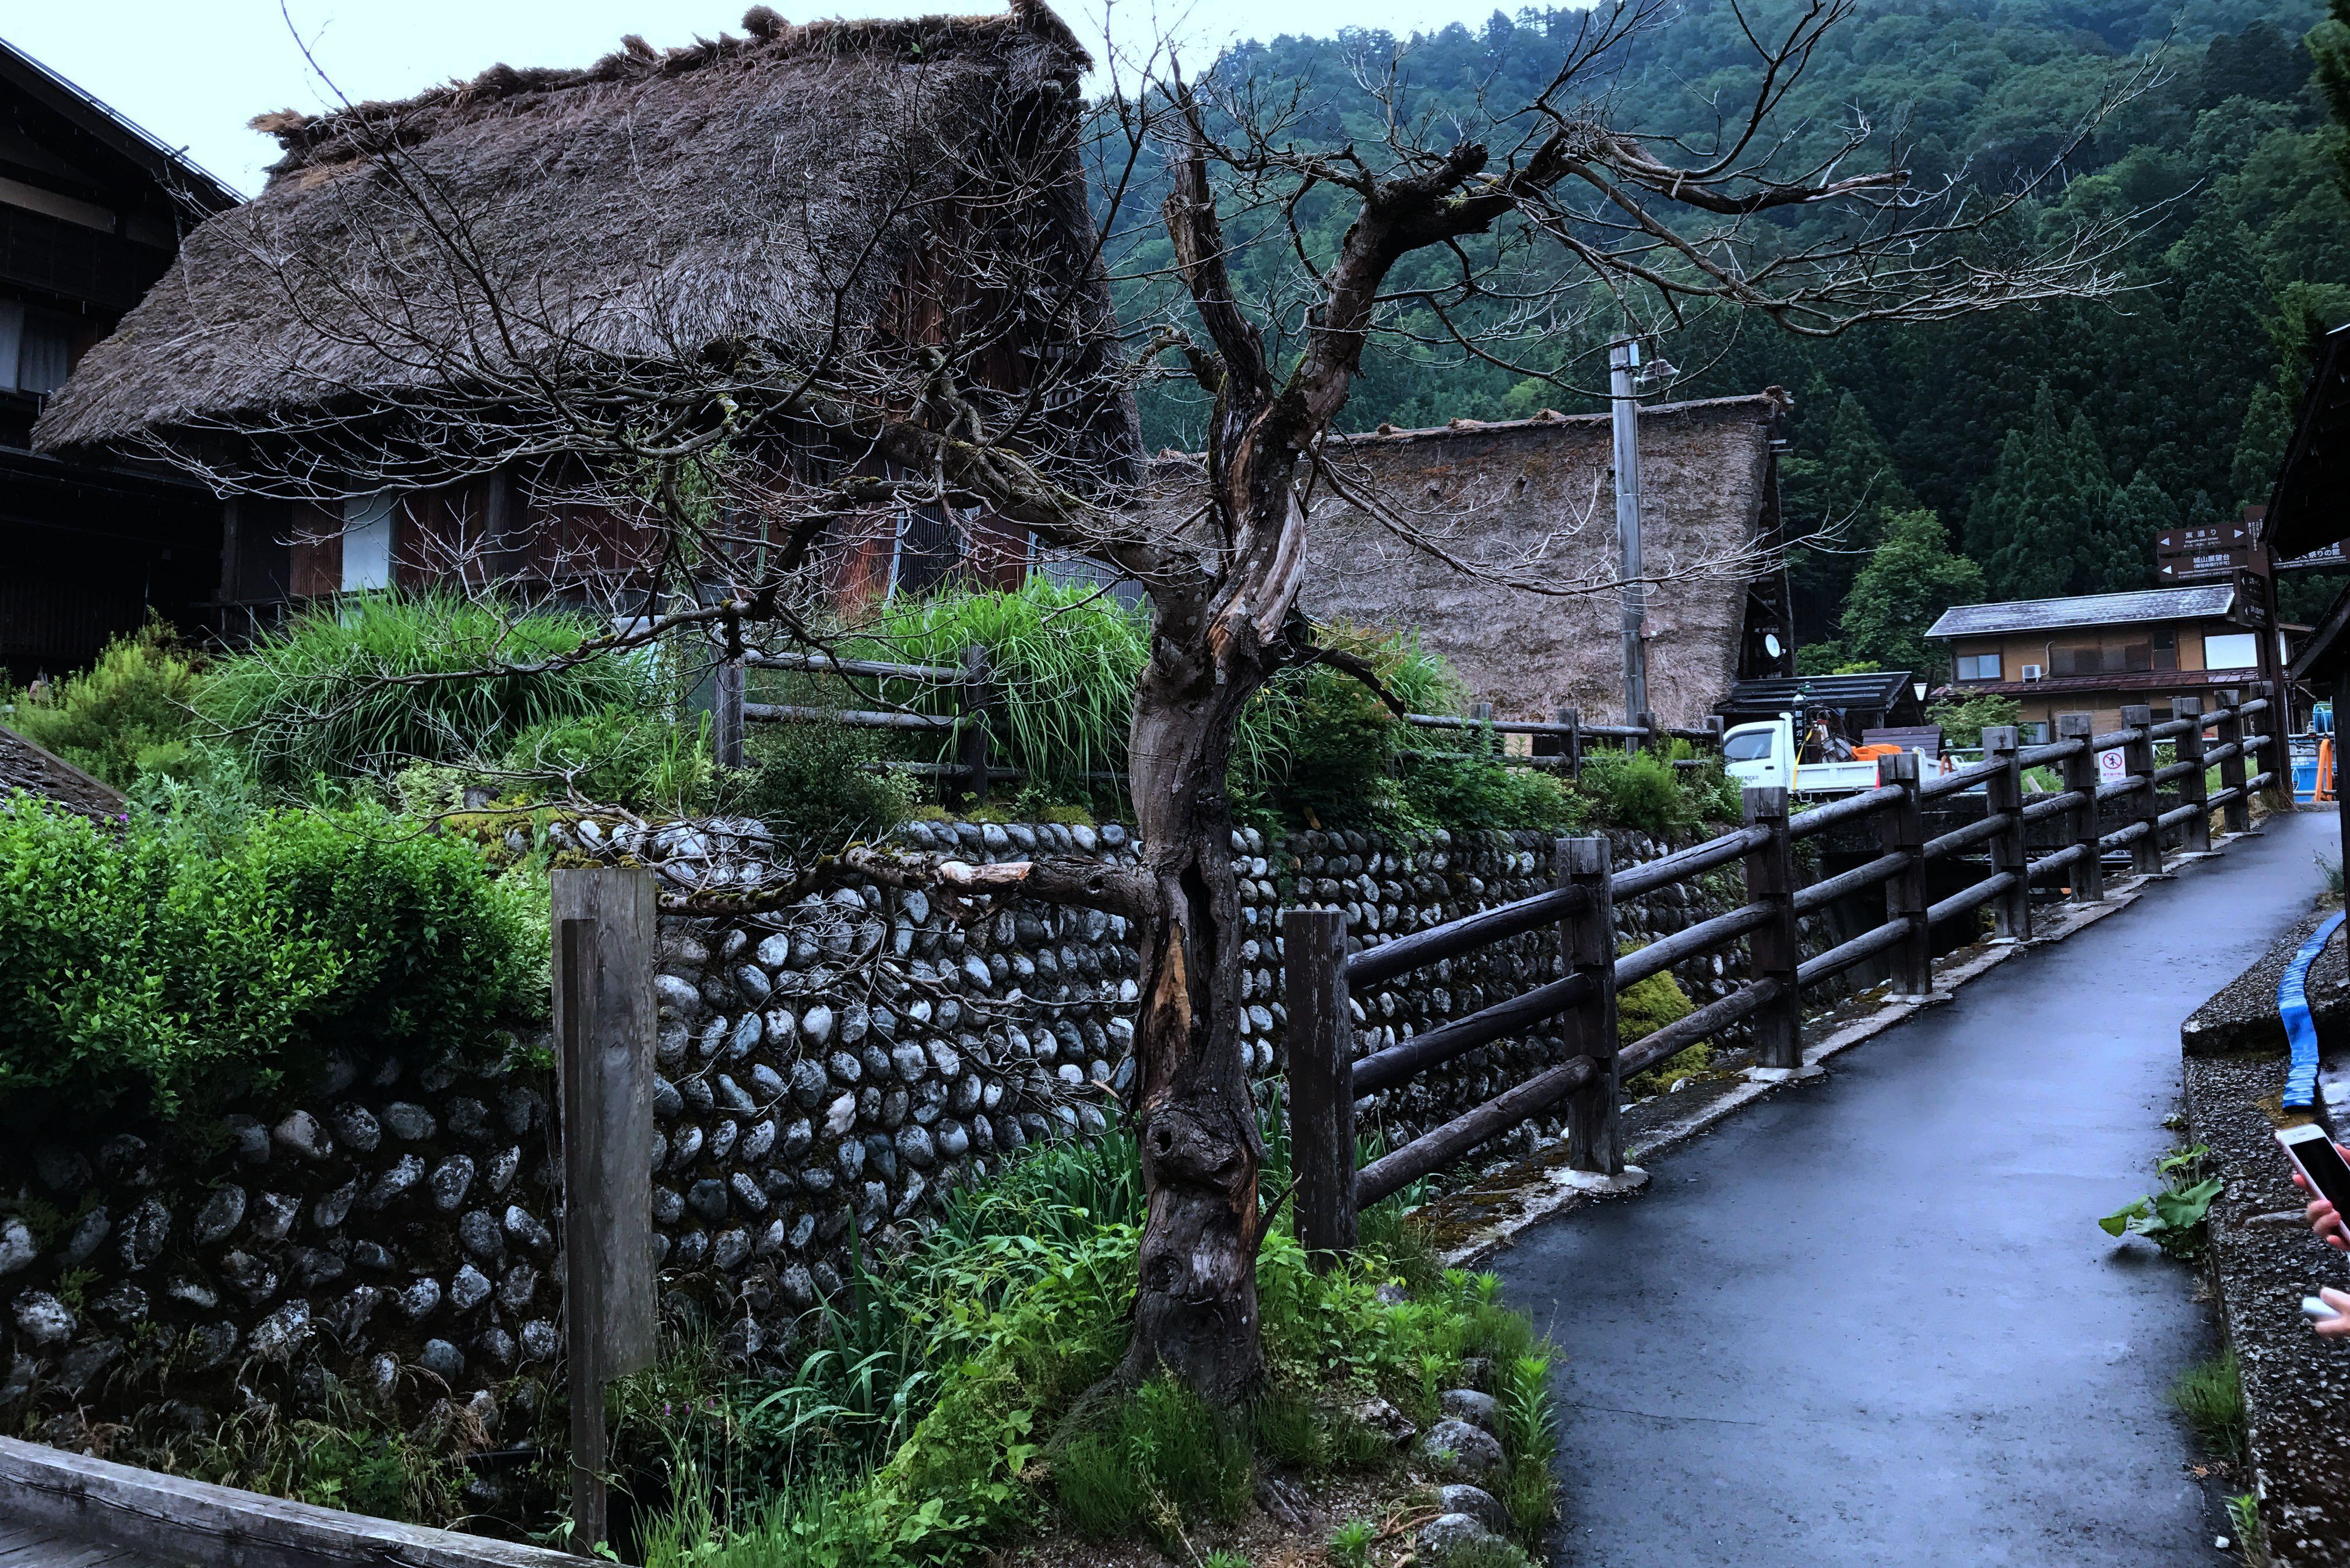 日本:白川合掌村,家家草屋开门见山 - 龙眼 - 龙之血脉